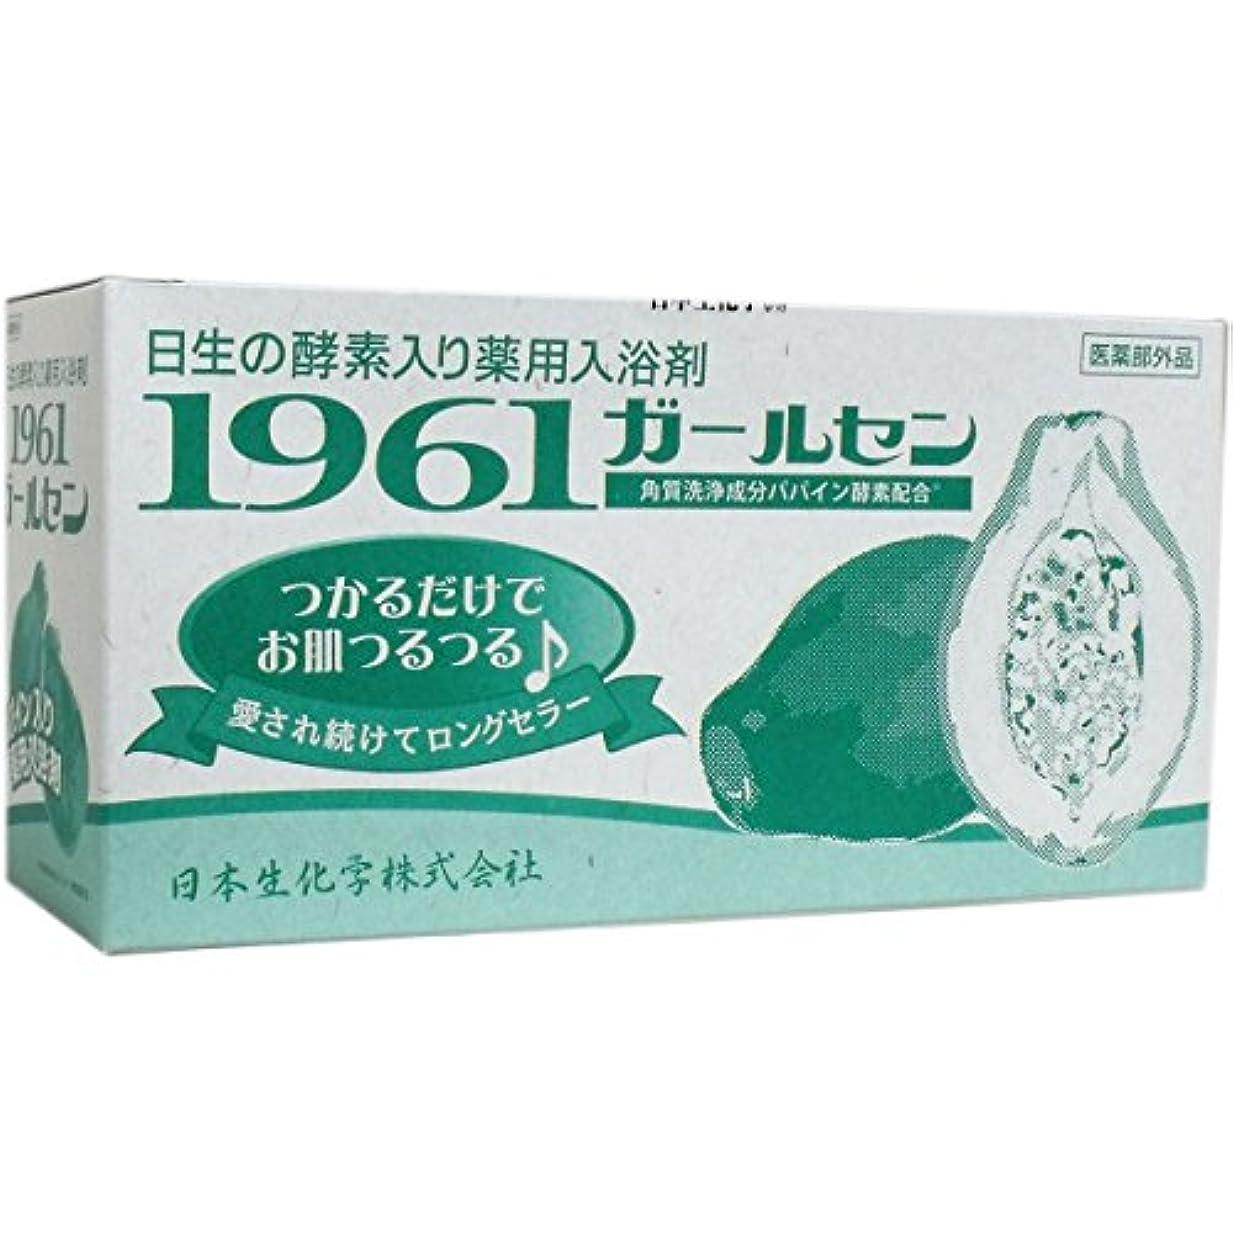 パパイン酵素配合 薬用入浴剤 1961ガールセン 30包 [医薬部外品]